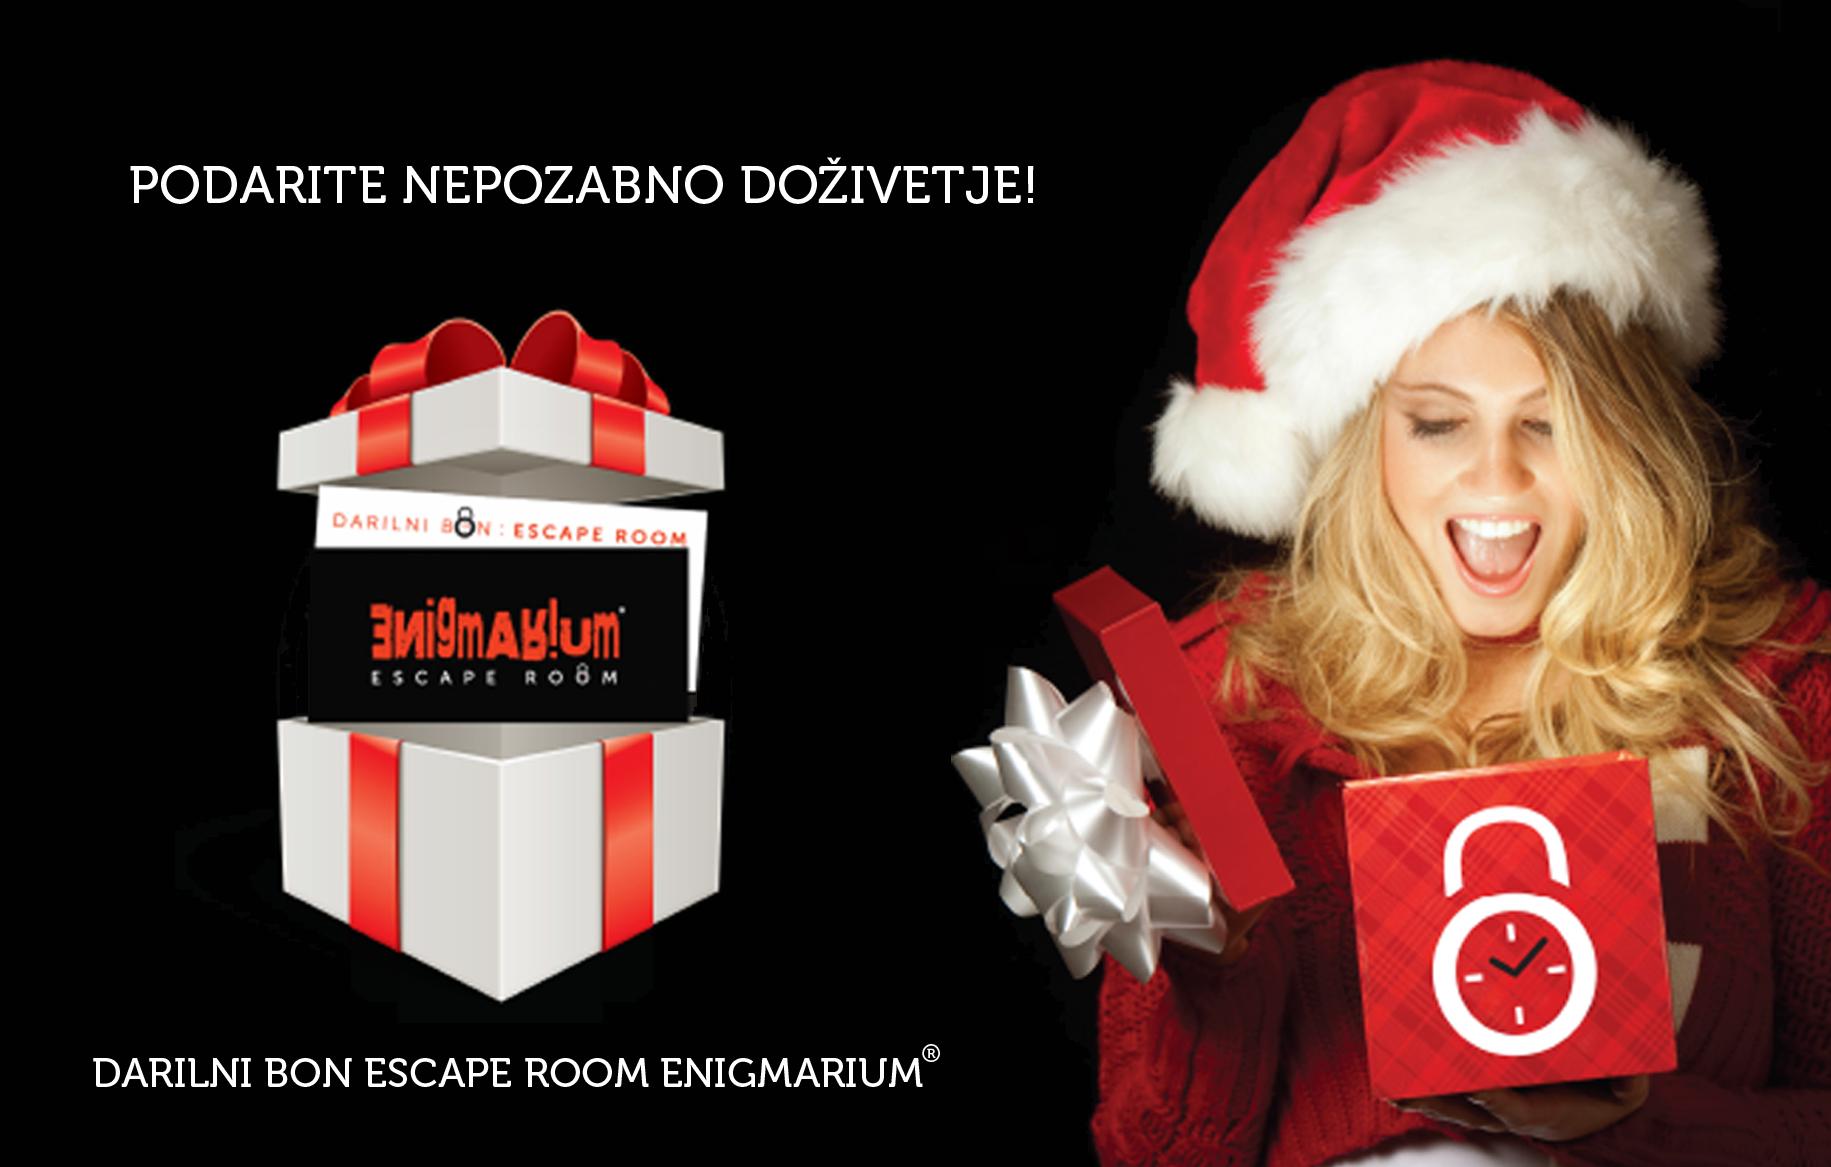 escape-room-darilni-bon